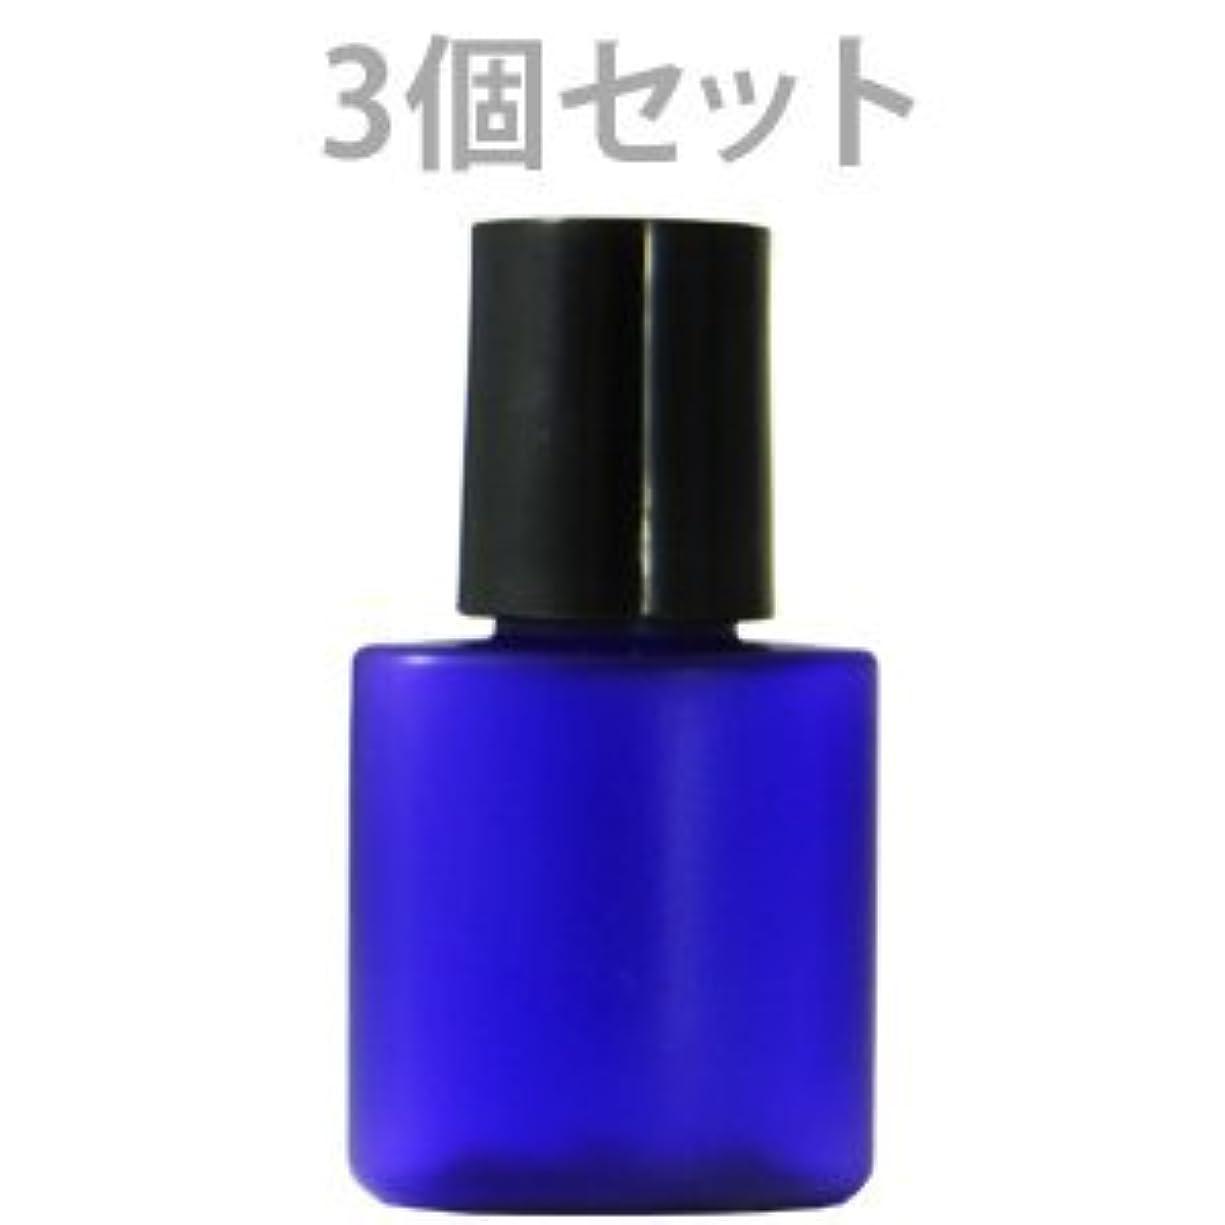 アトミックサラダ傷跡遮光ミニプラボトル容器 青 10ml 3個セット